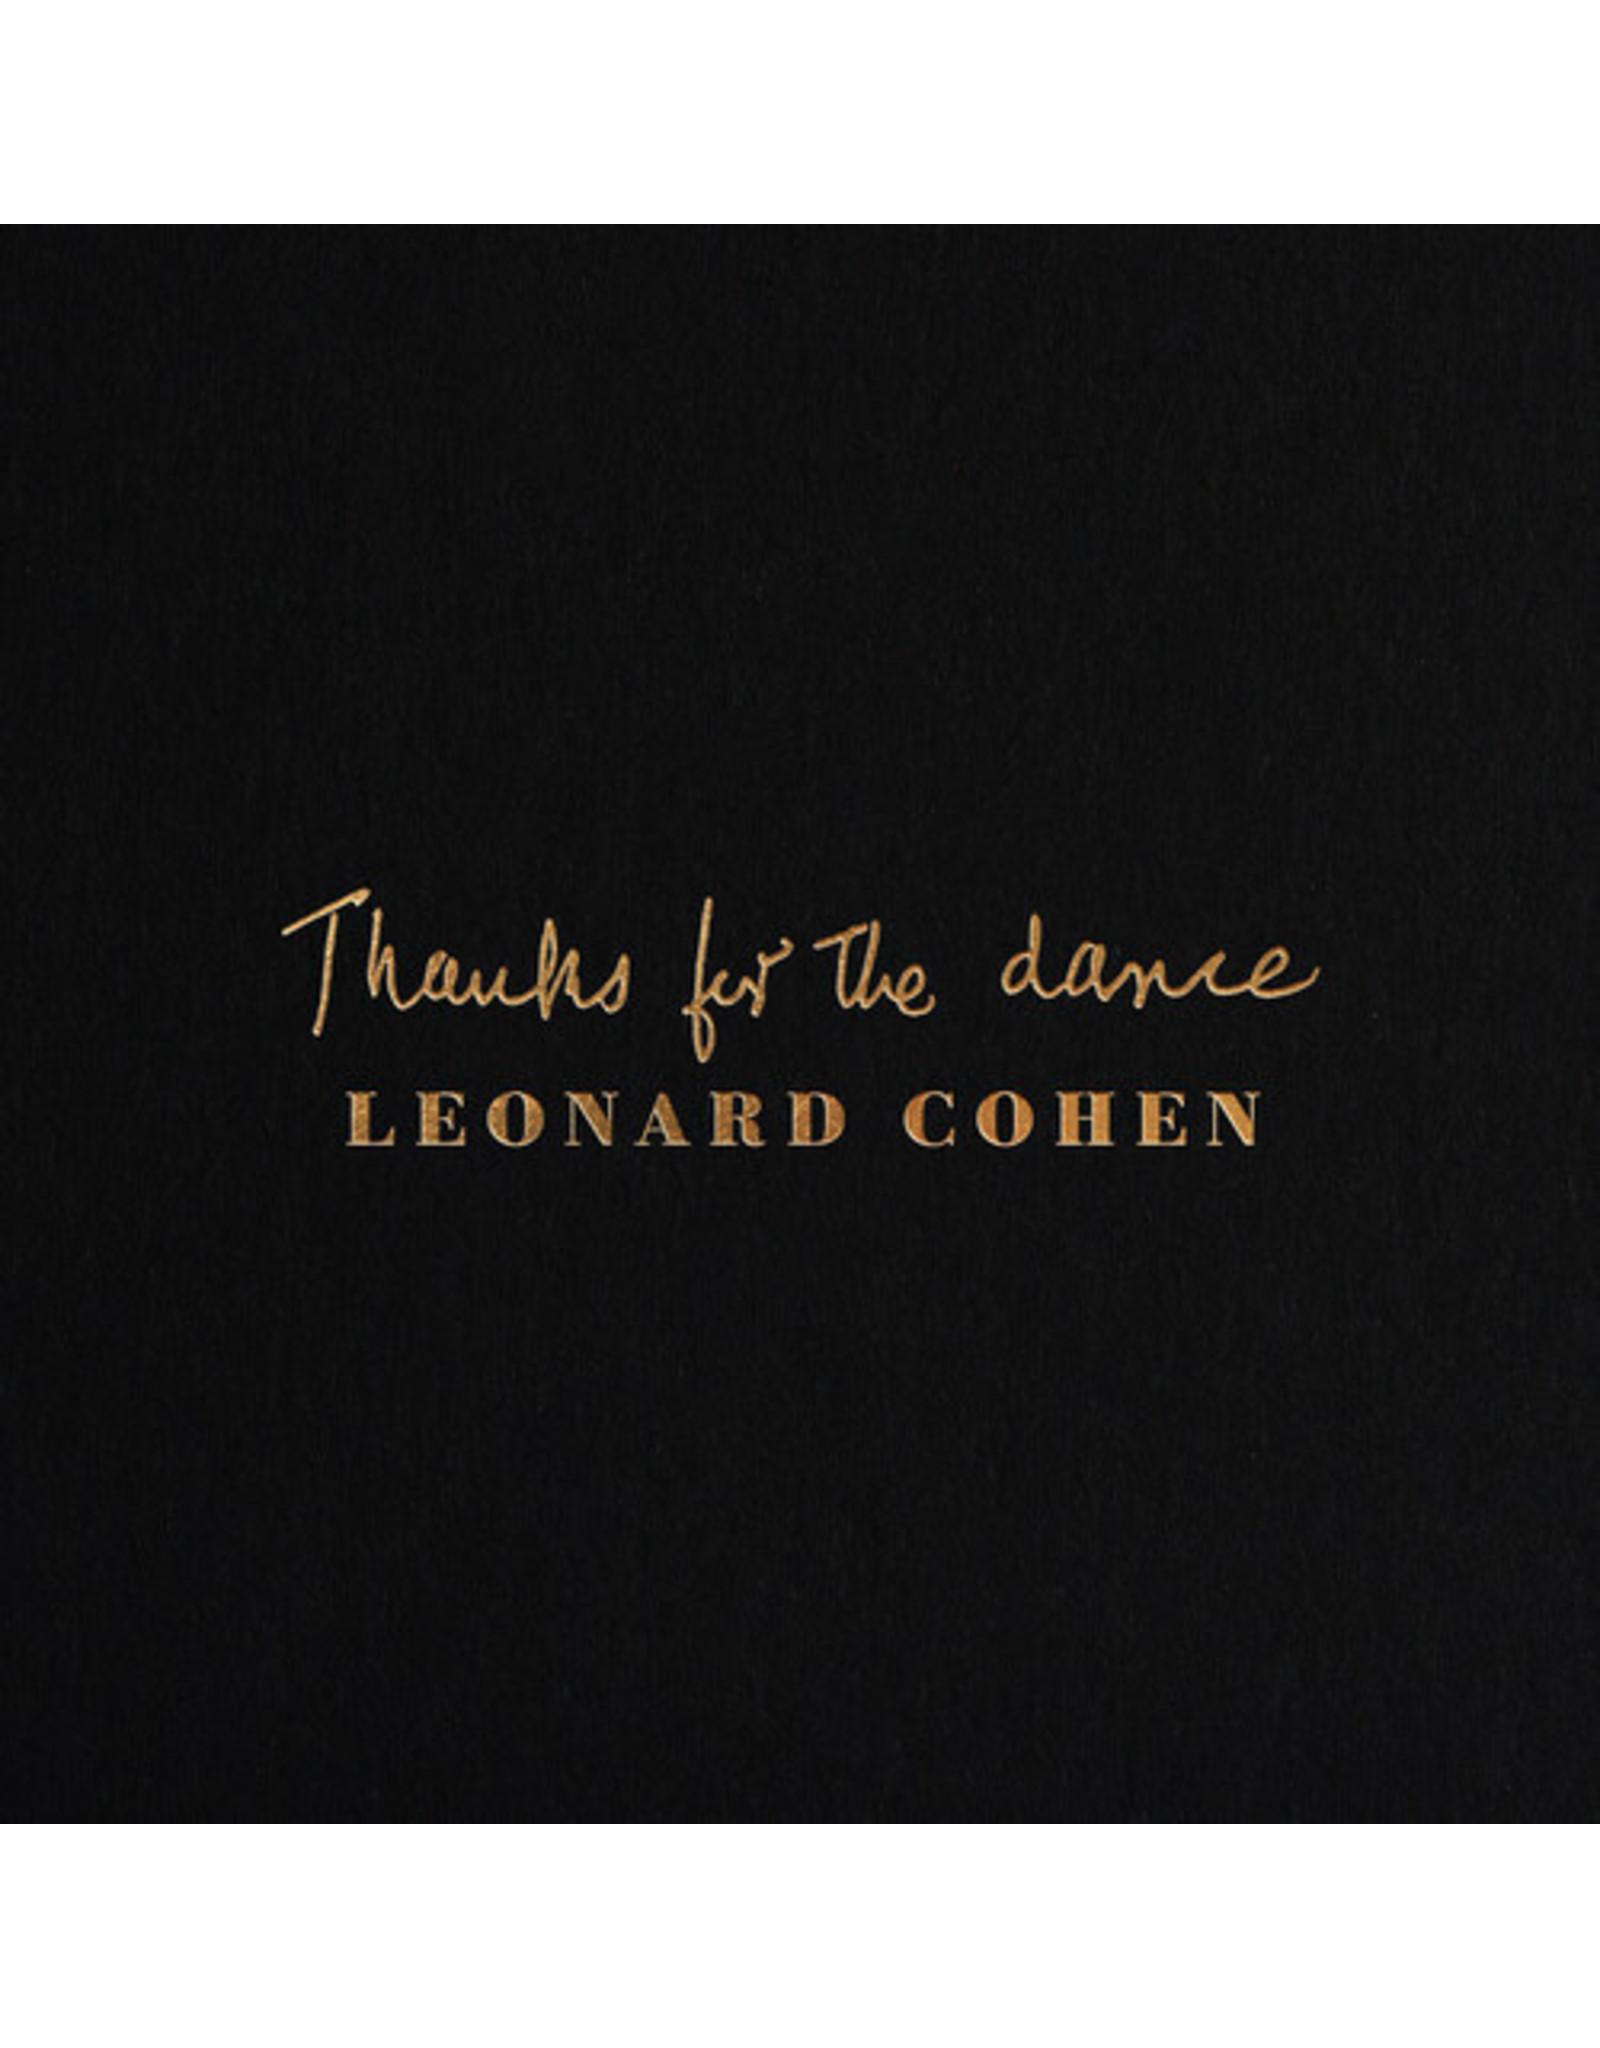 Leonard Cohen - Thanks For The Dance LP